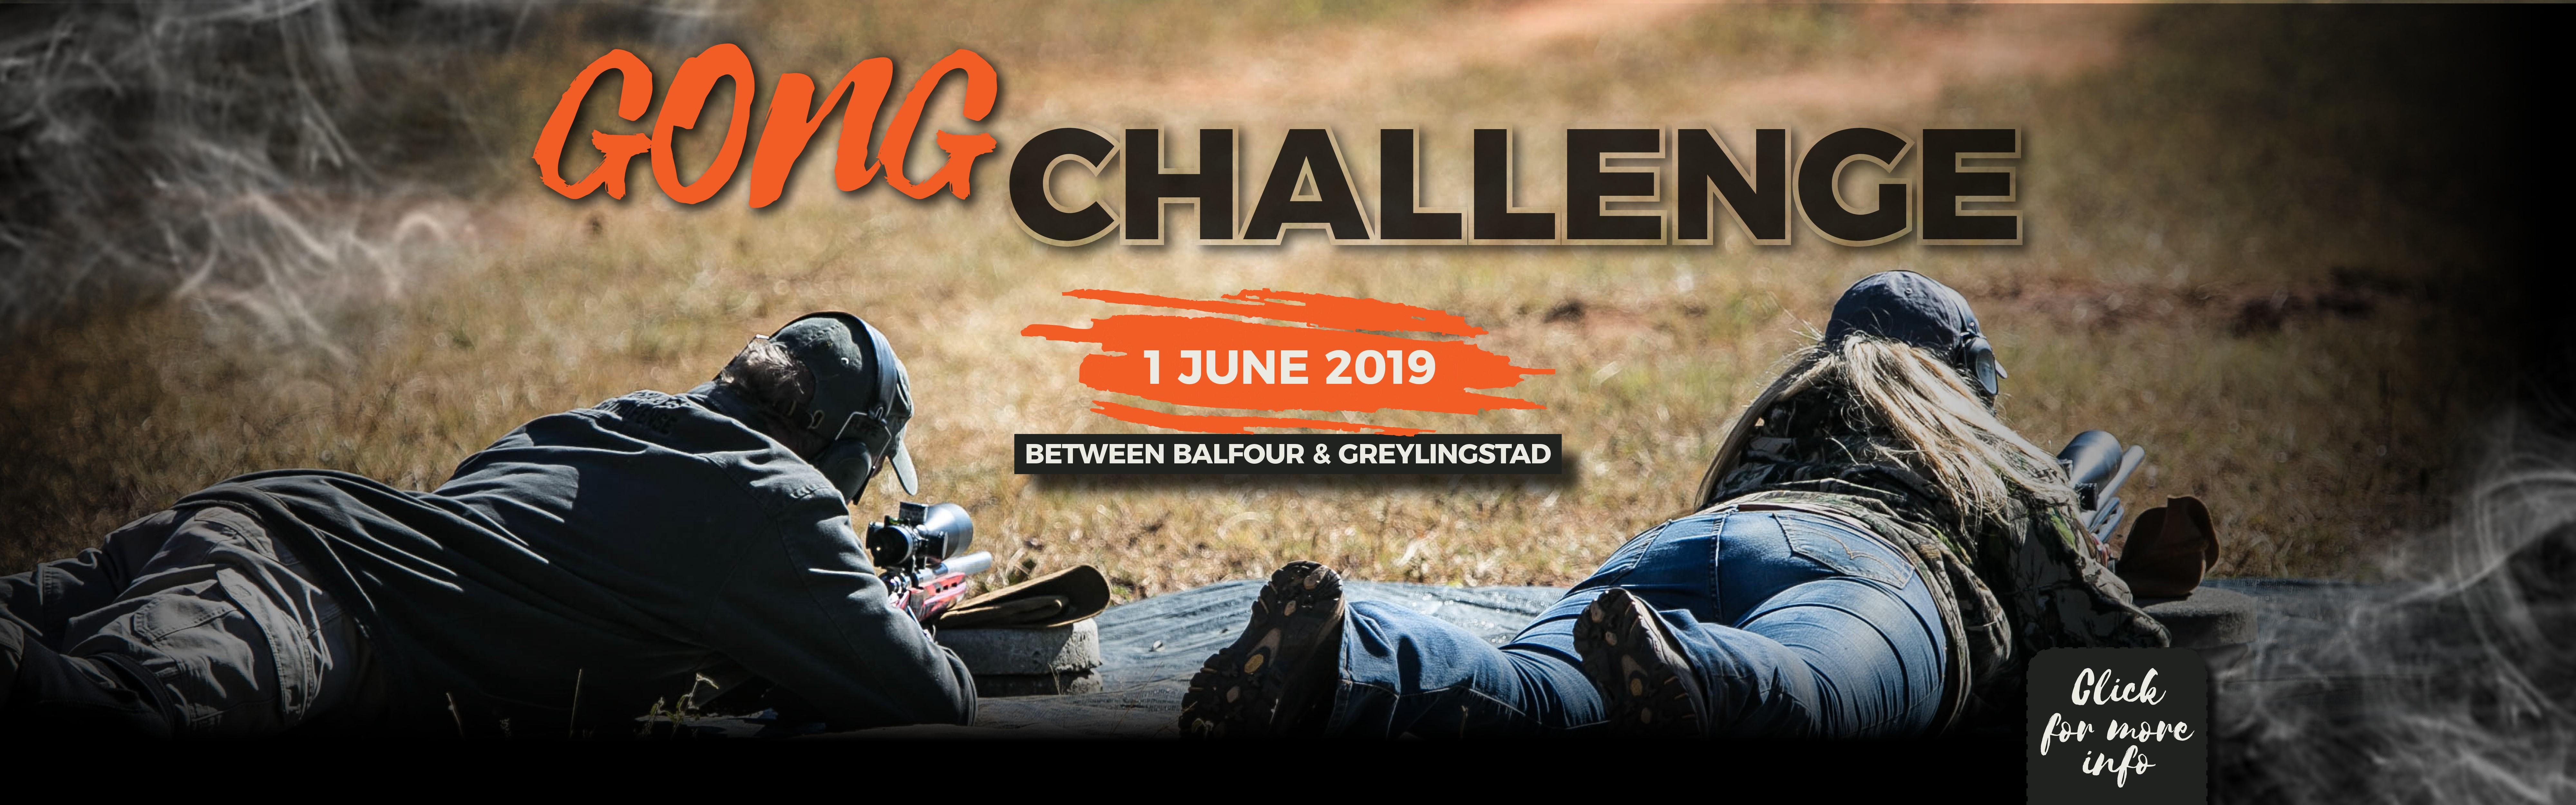 Safari Outdoor Gong Challenge 1 June